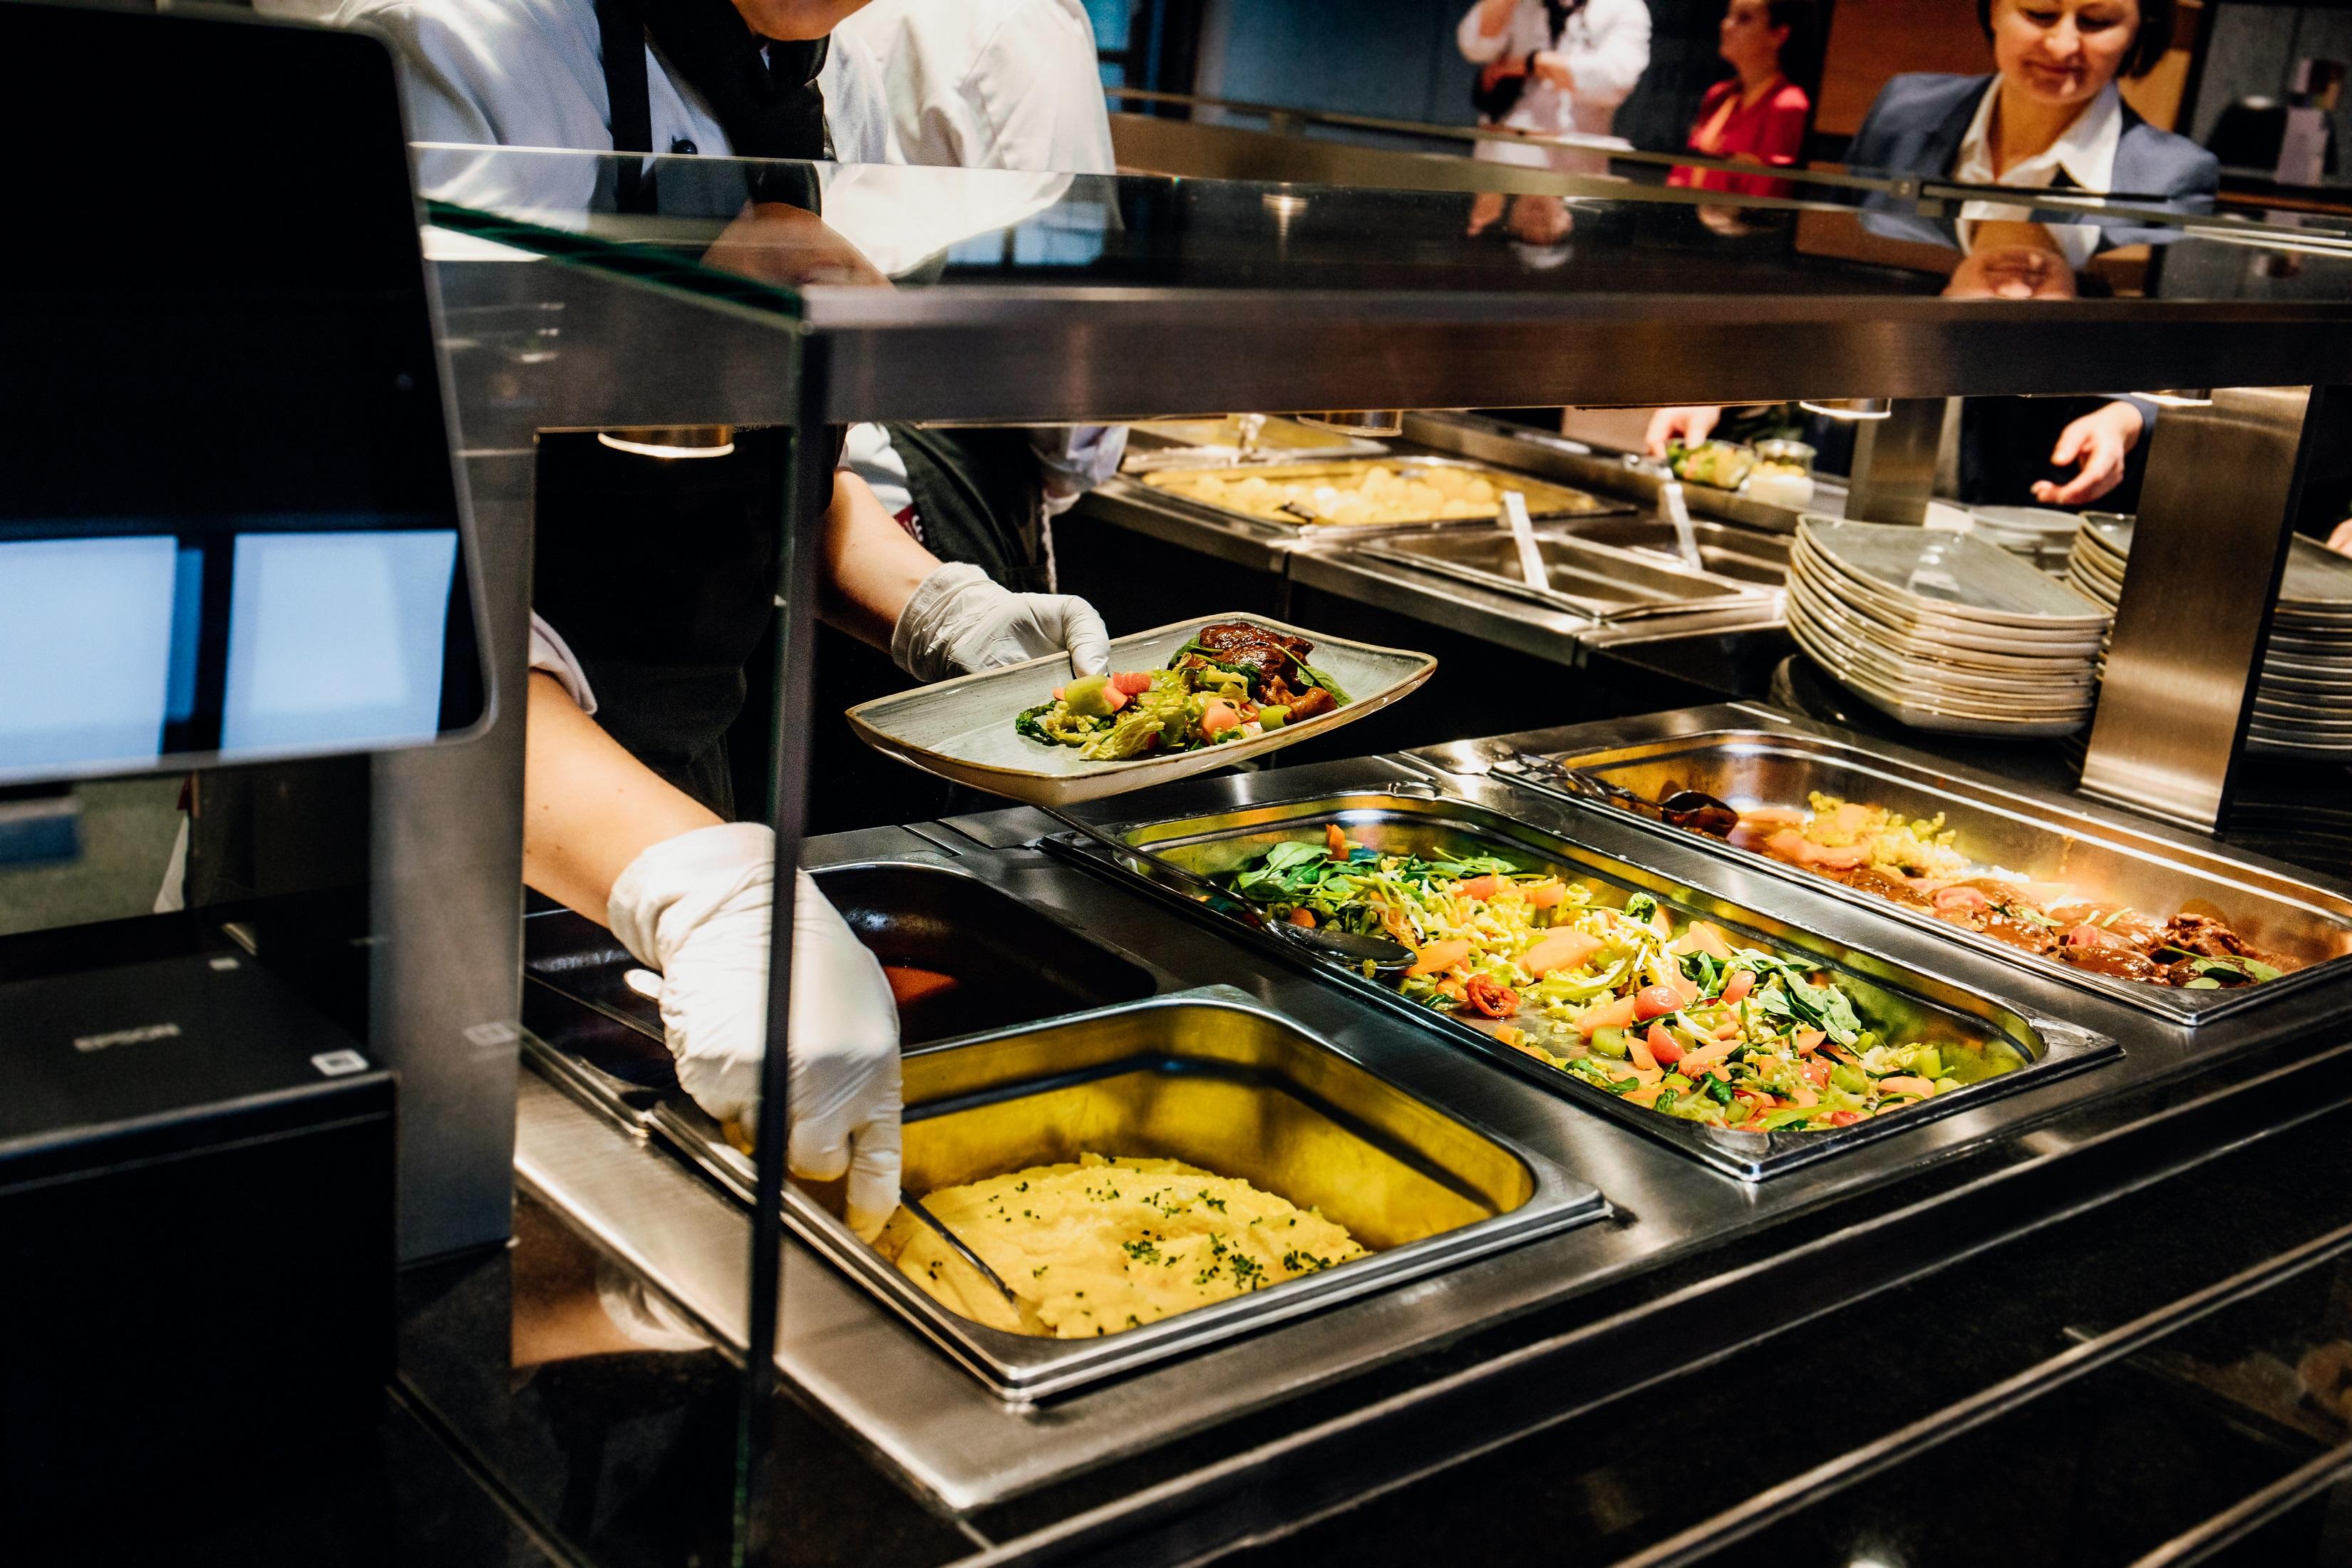 Essensausgabe einer Kantine mit verschiedenen Speisen in der Auslage